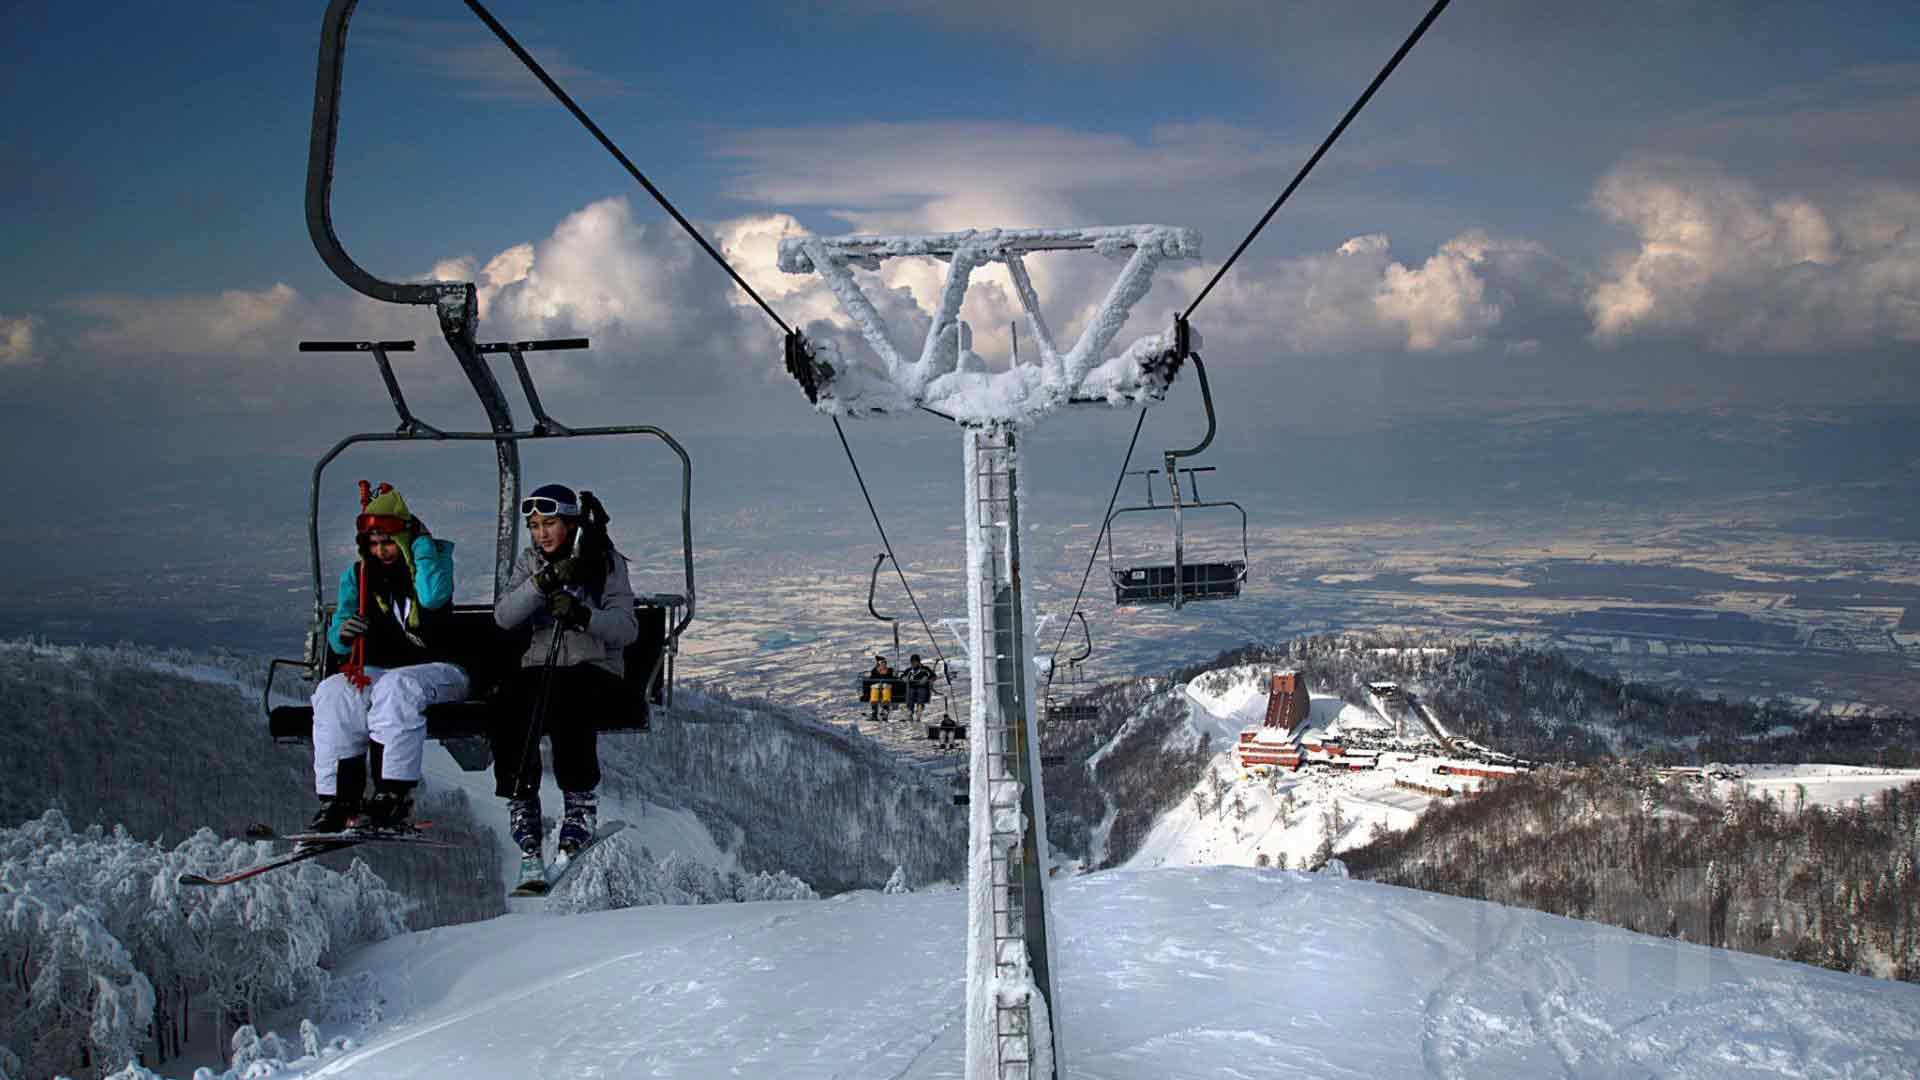 سبانجا في الشتاء - السياحة في تركيا في الشتاء